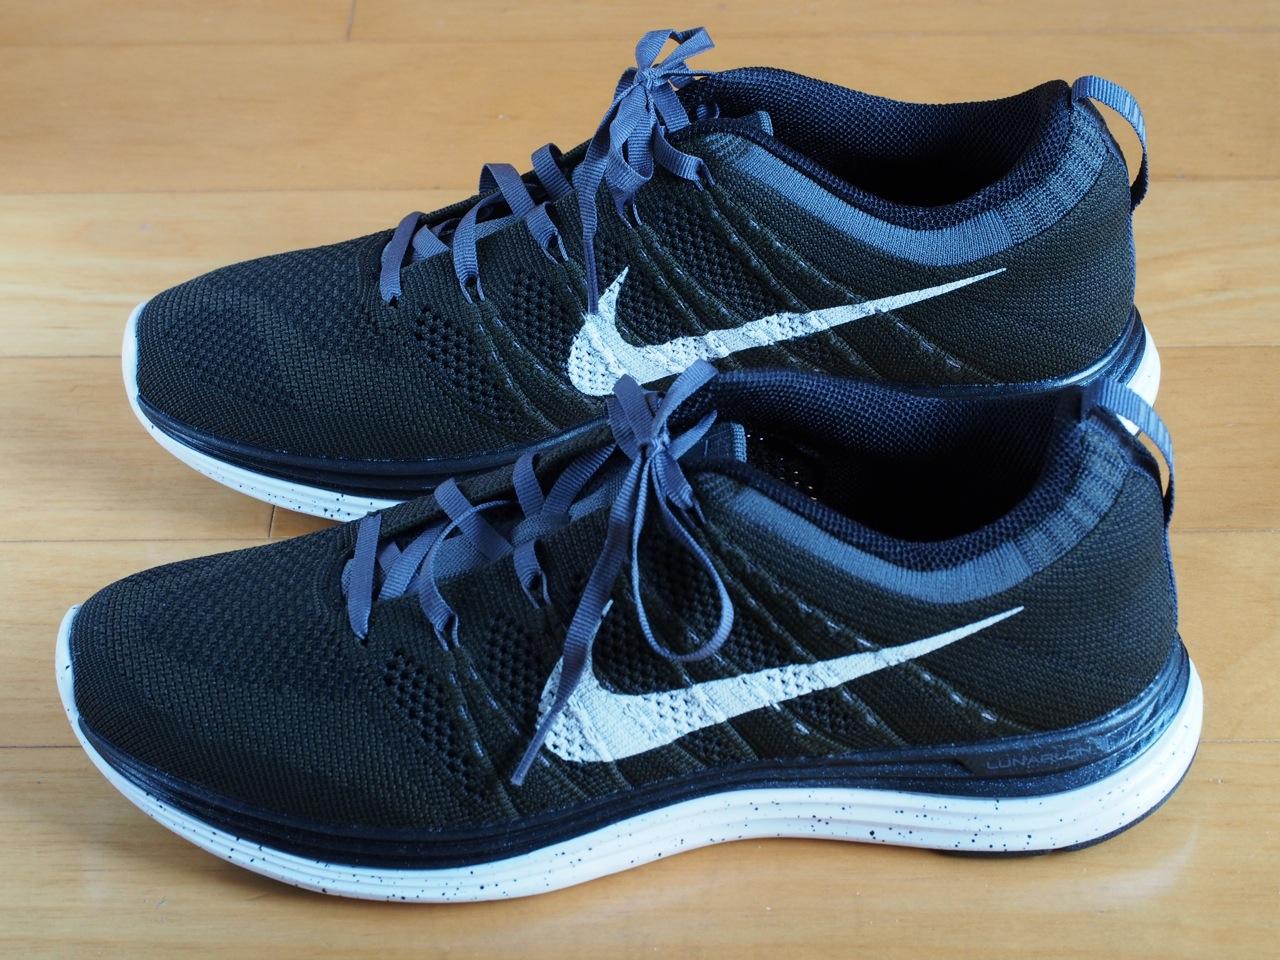 休日の散歩靴に革新的ランニングシューズ